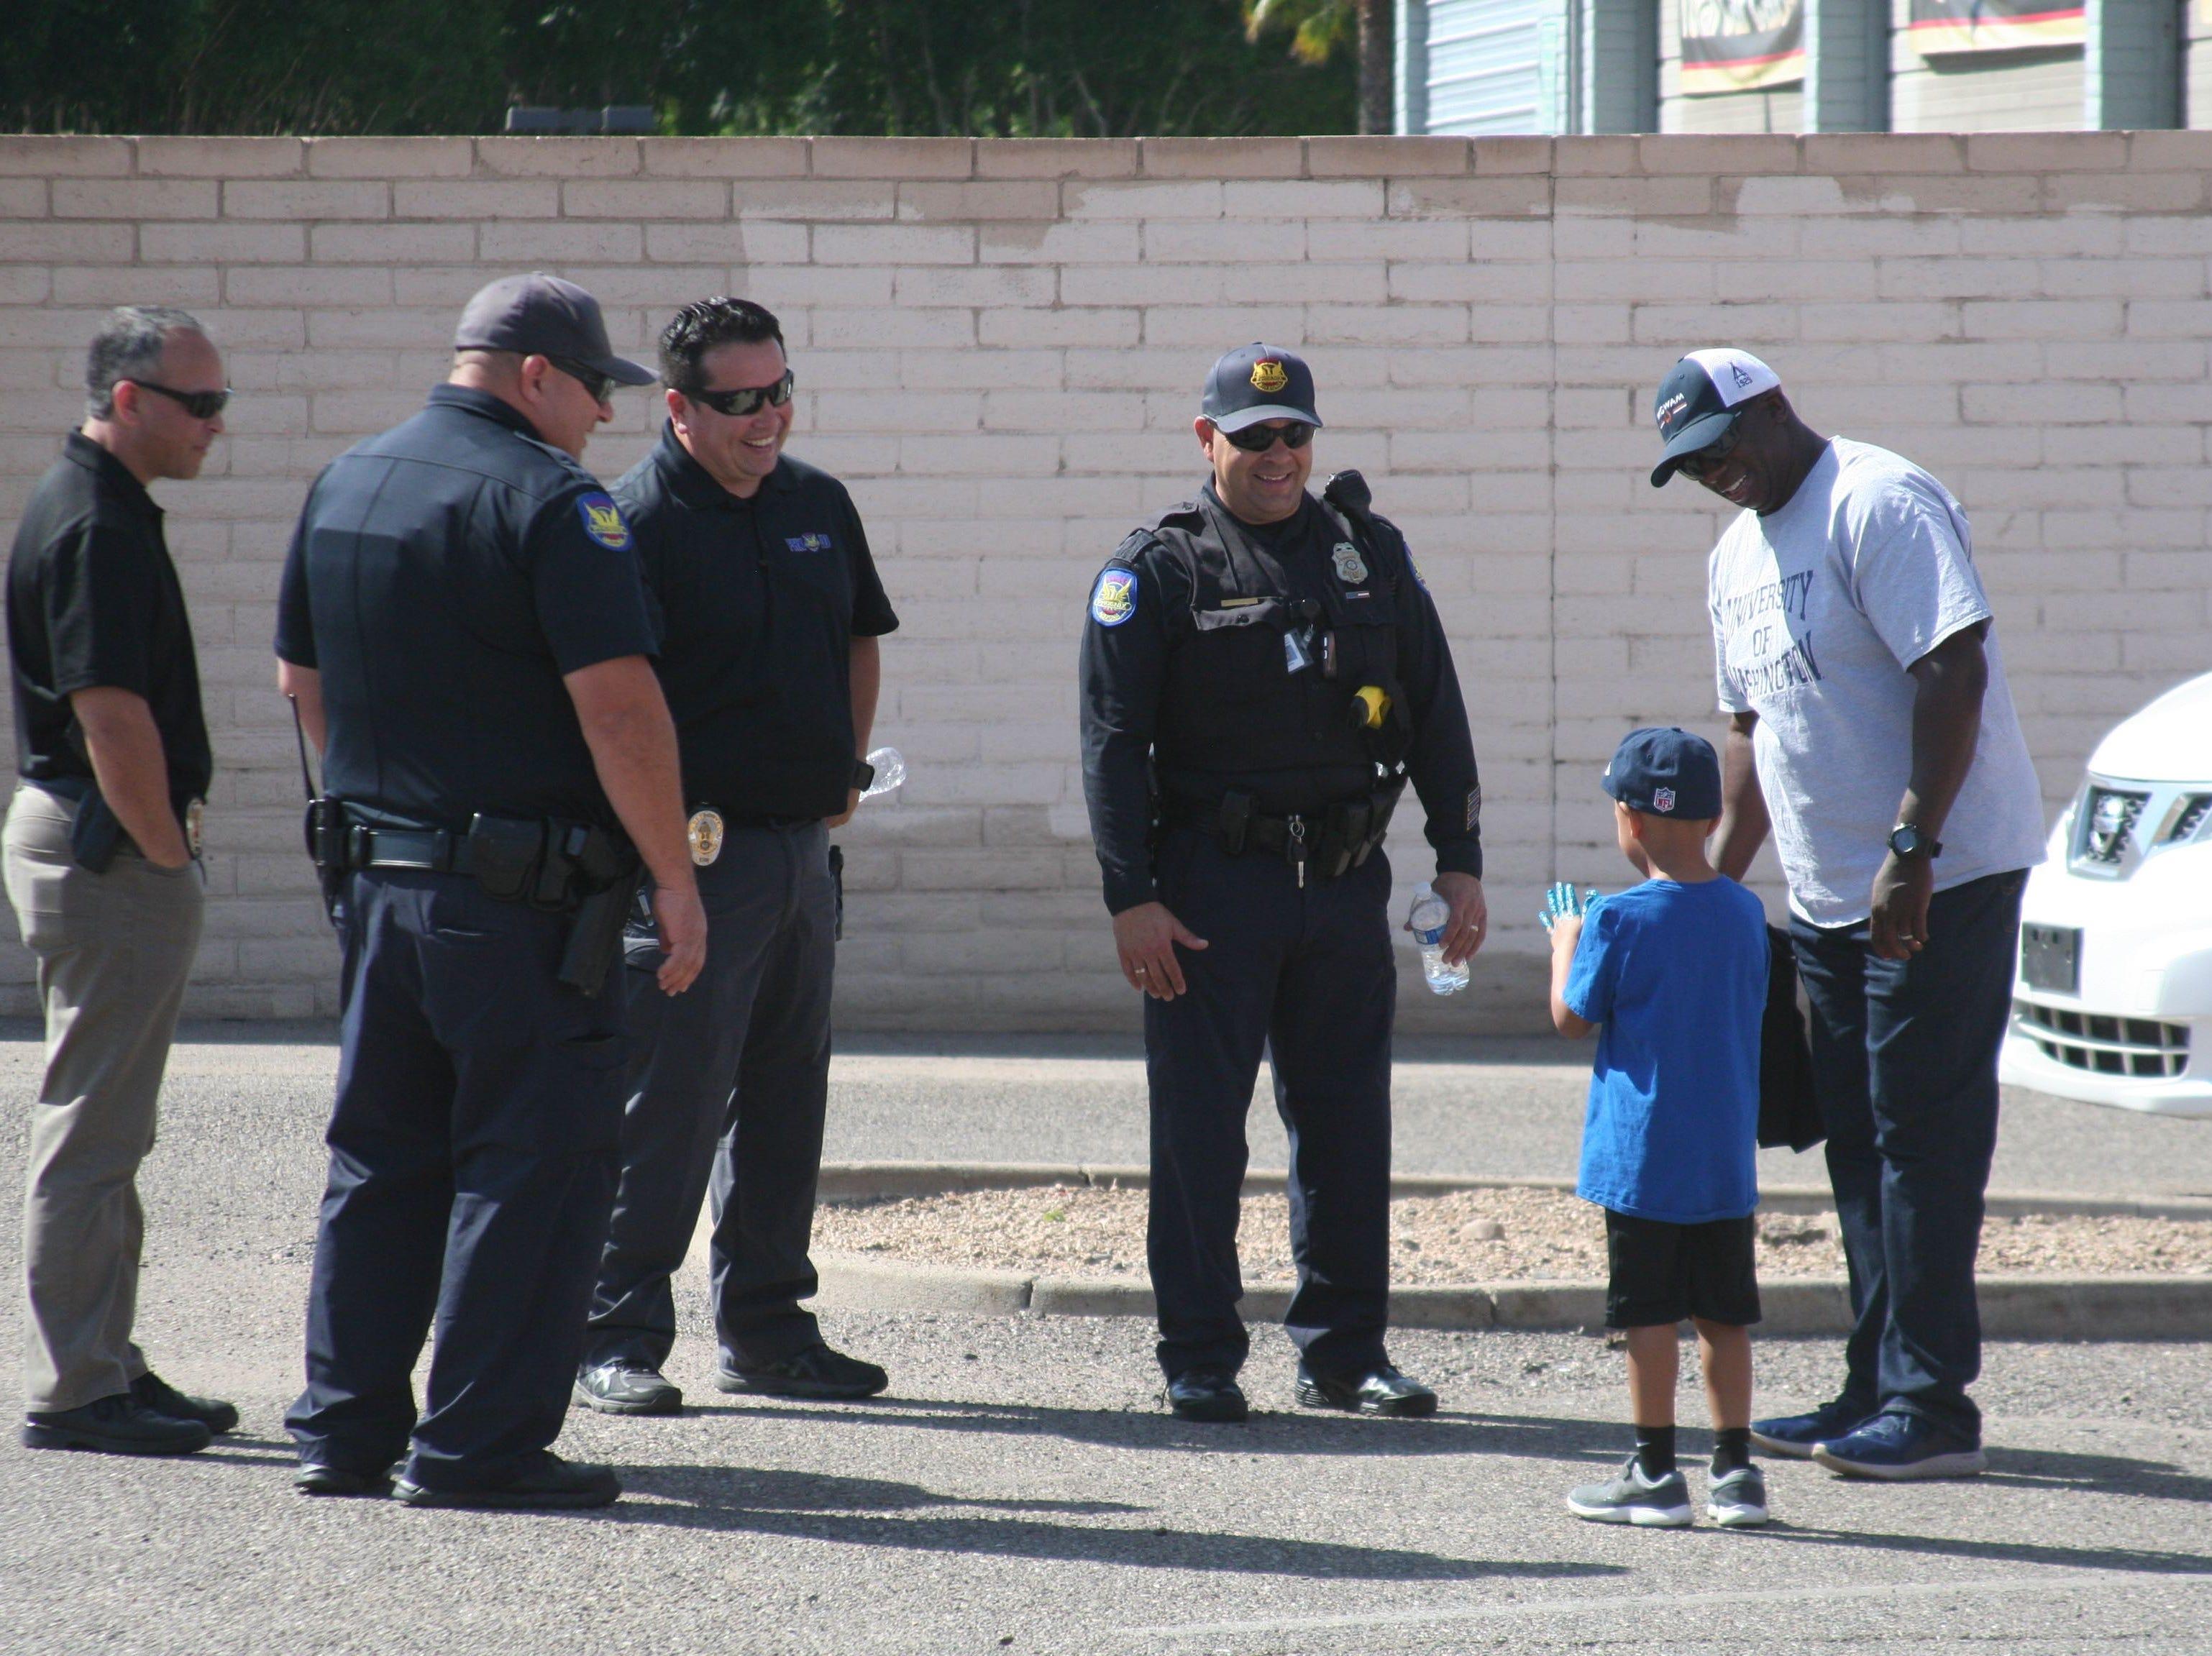 Oficiales de las corporaciones policiacas locales convivieron con el puublico que se dio cita en el estacionamiento contiguo a CPLC, en Maryvale.